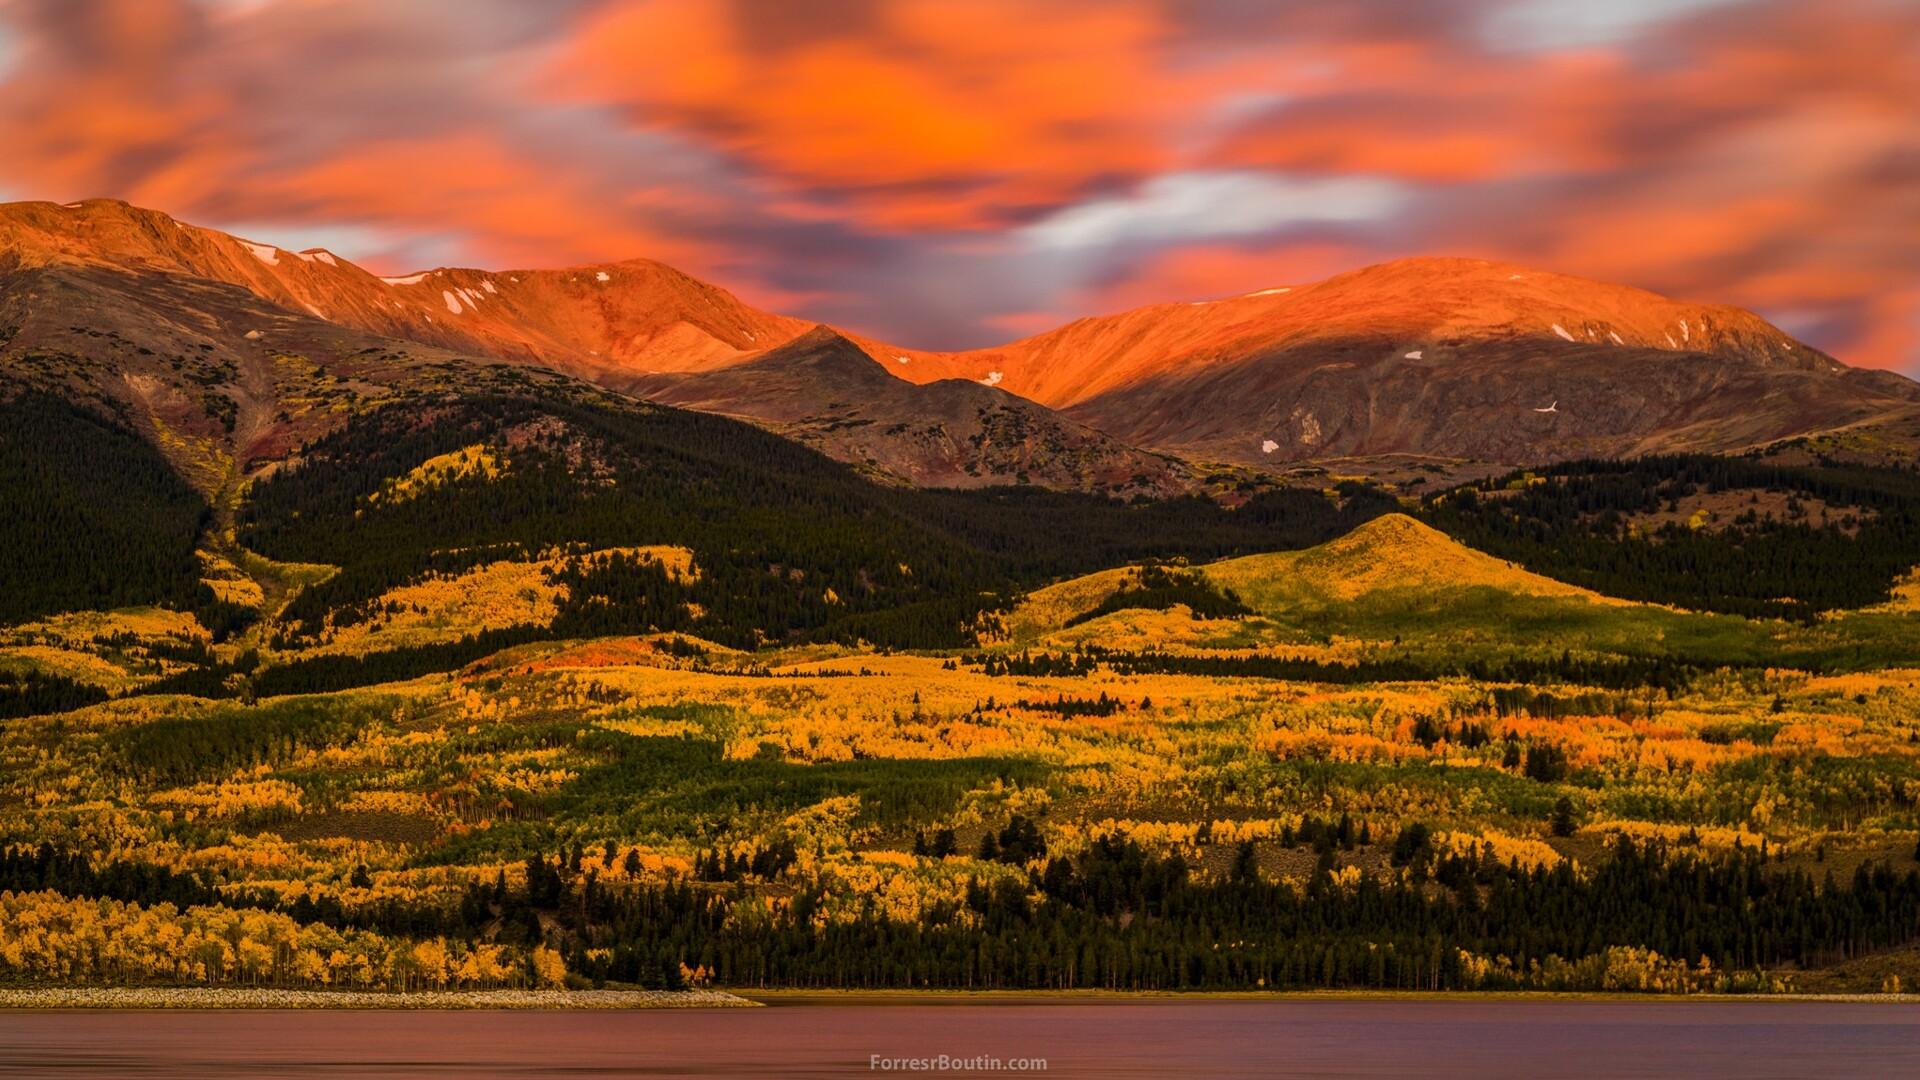 Mt Elbert Forrest Boutin.jpg